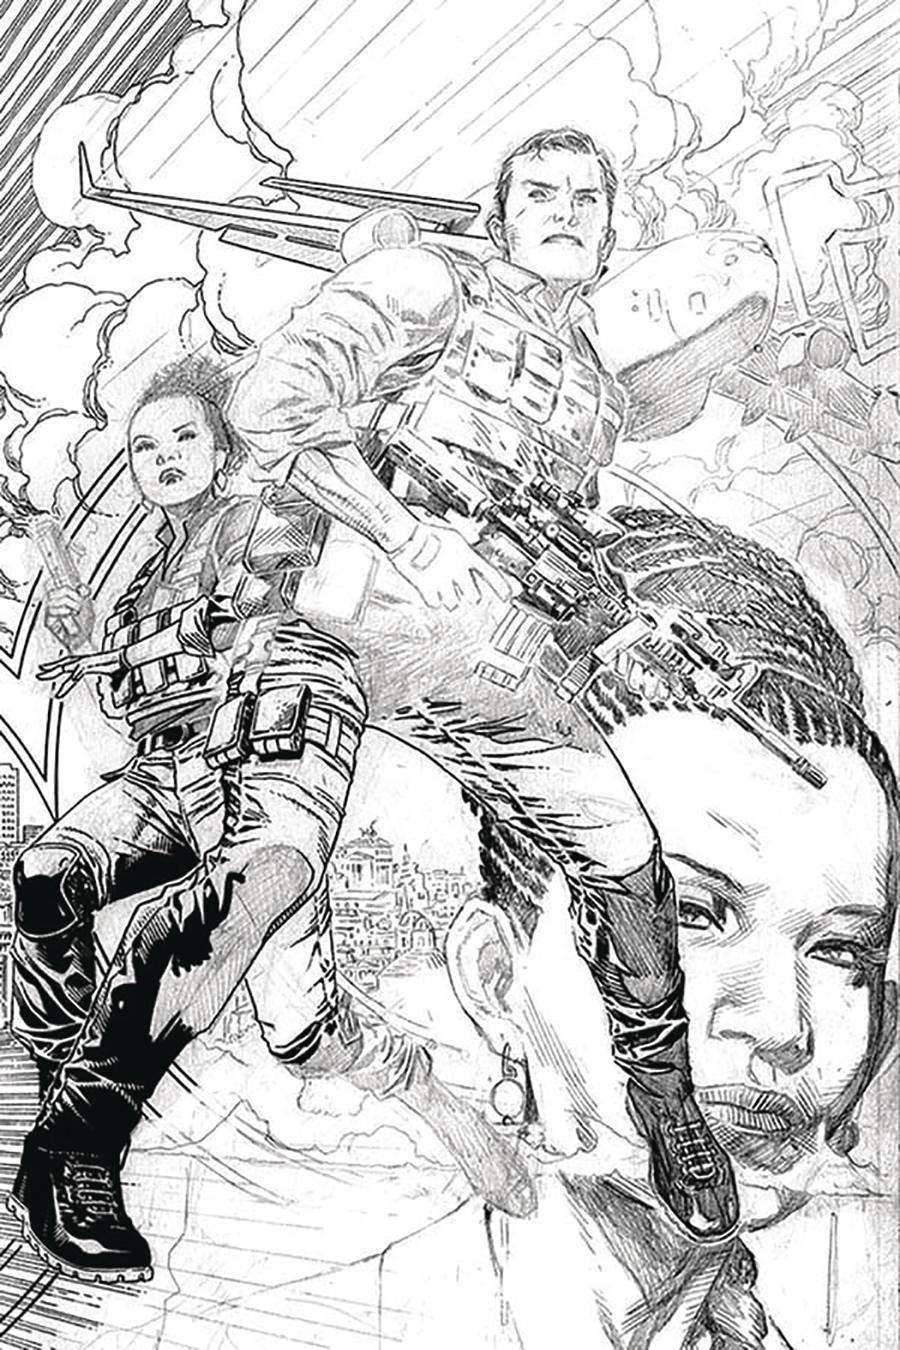 James Bond Vol 3 #2 Cover E Incentive Jim Cheung Pencil Sketch Cover